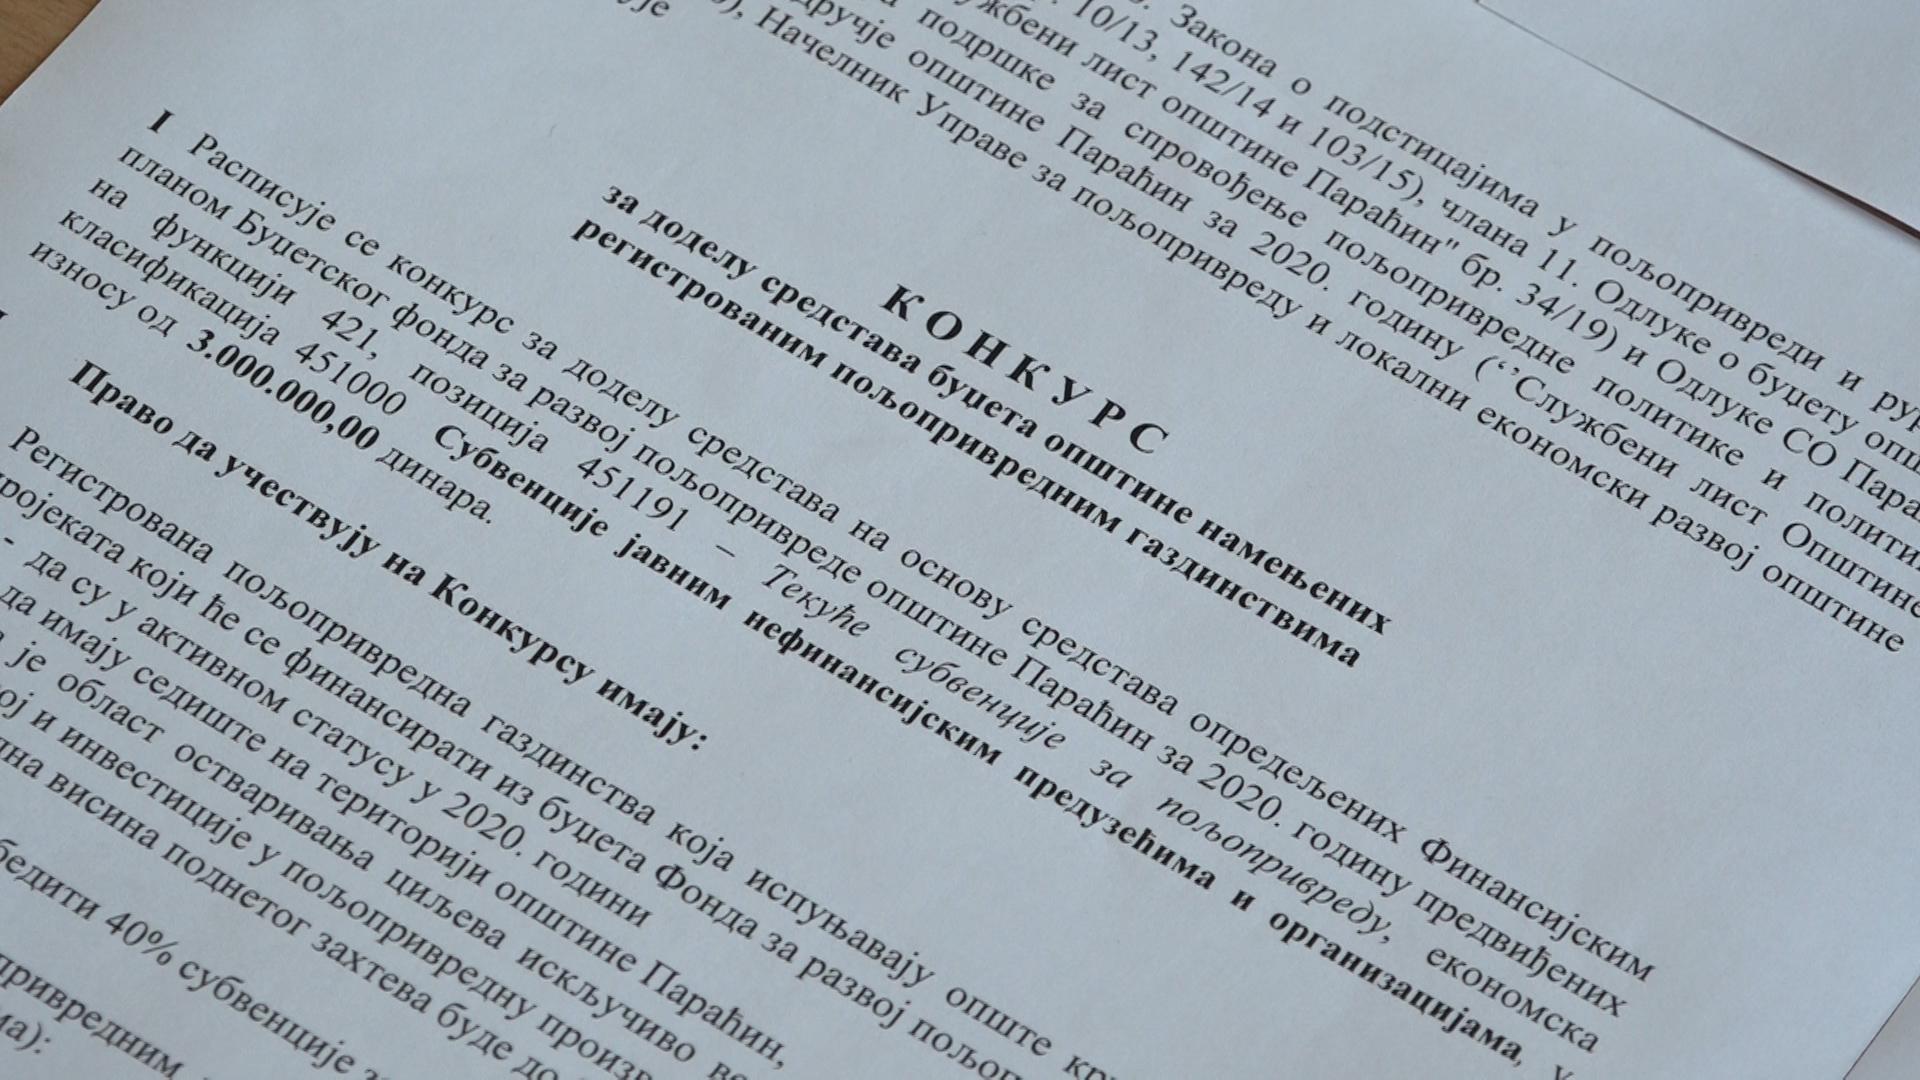 Konkurs Opštine Paraćin za subvencionisanje poljoprivredne proizvodnje